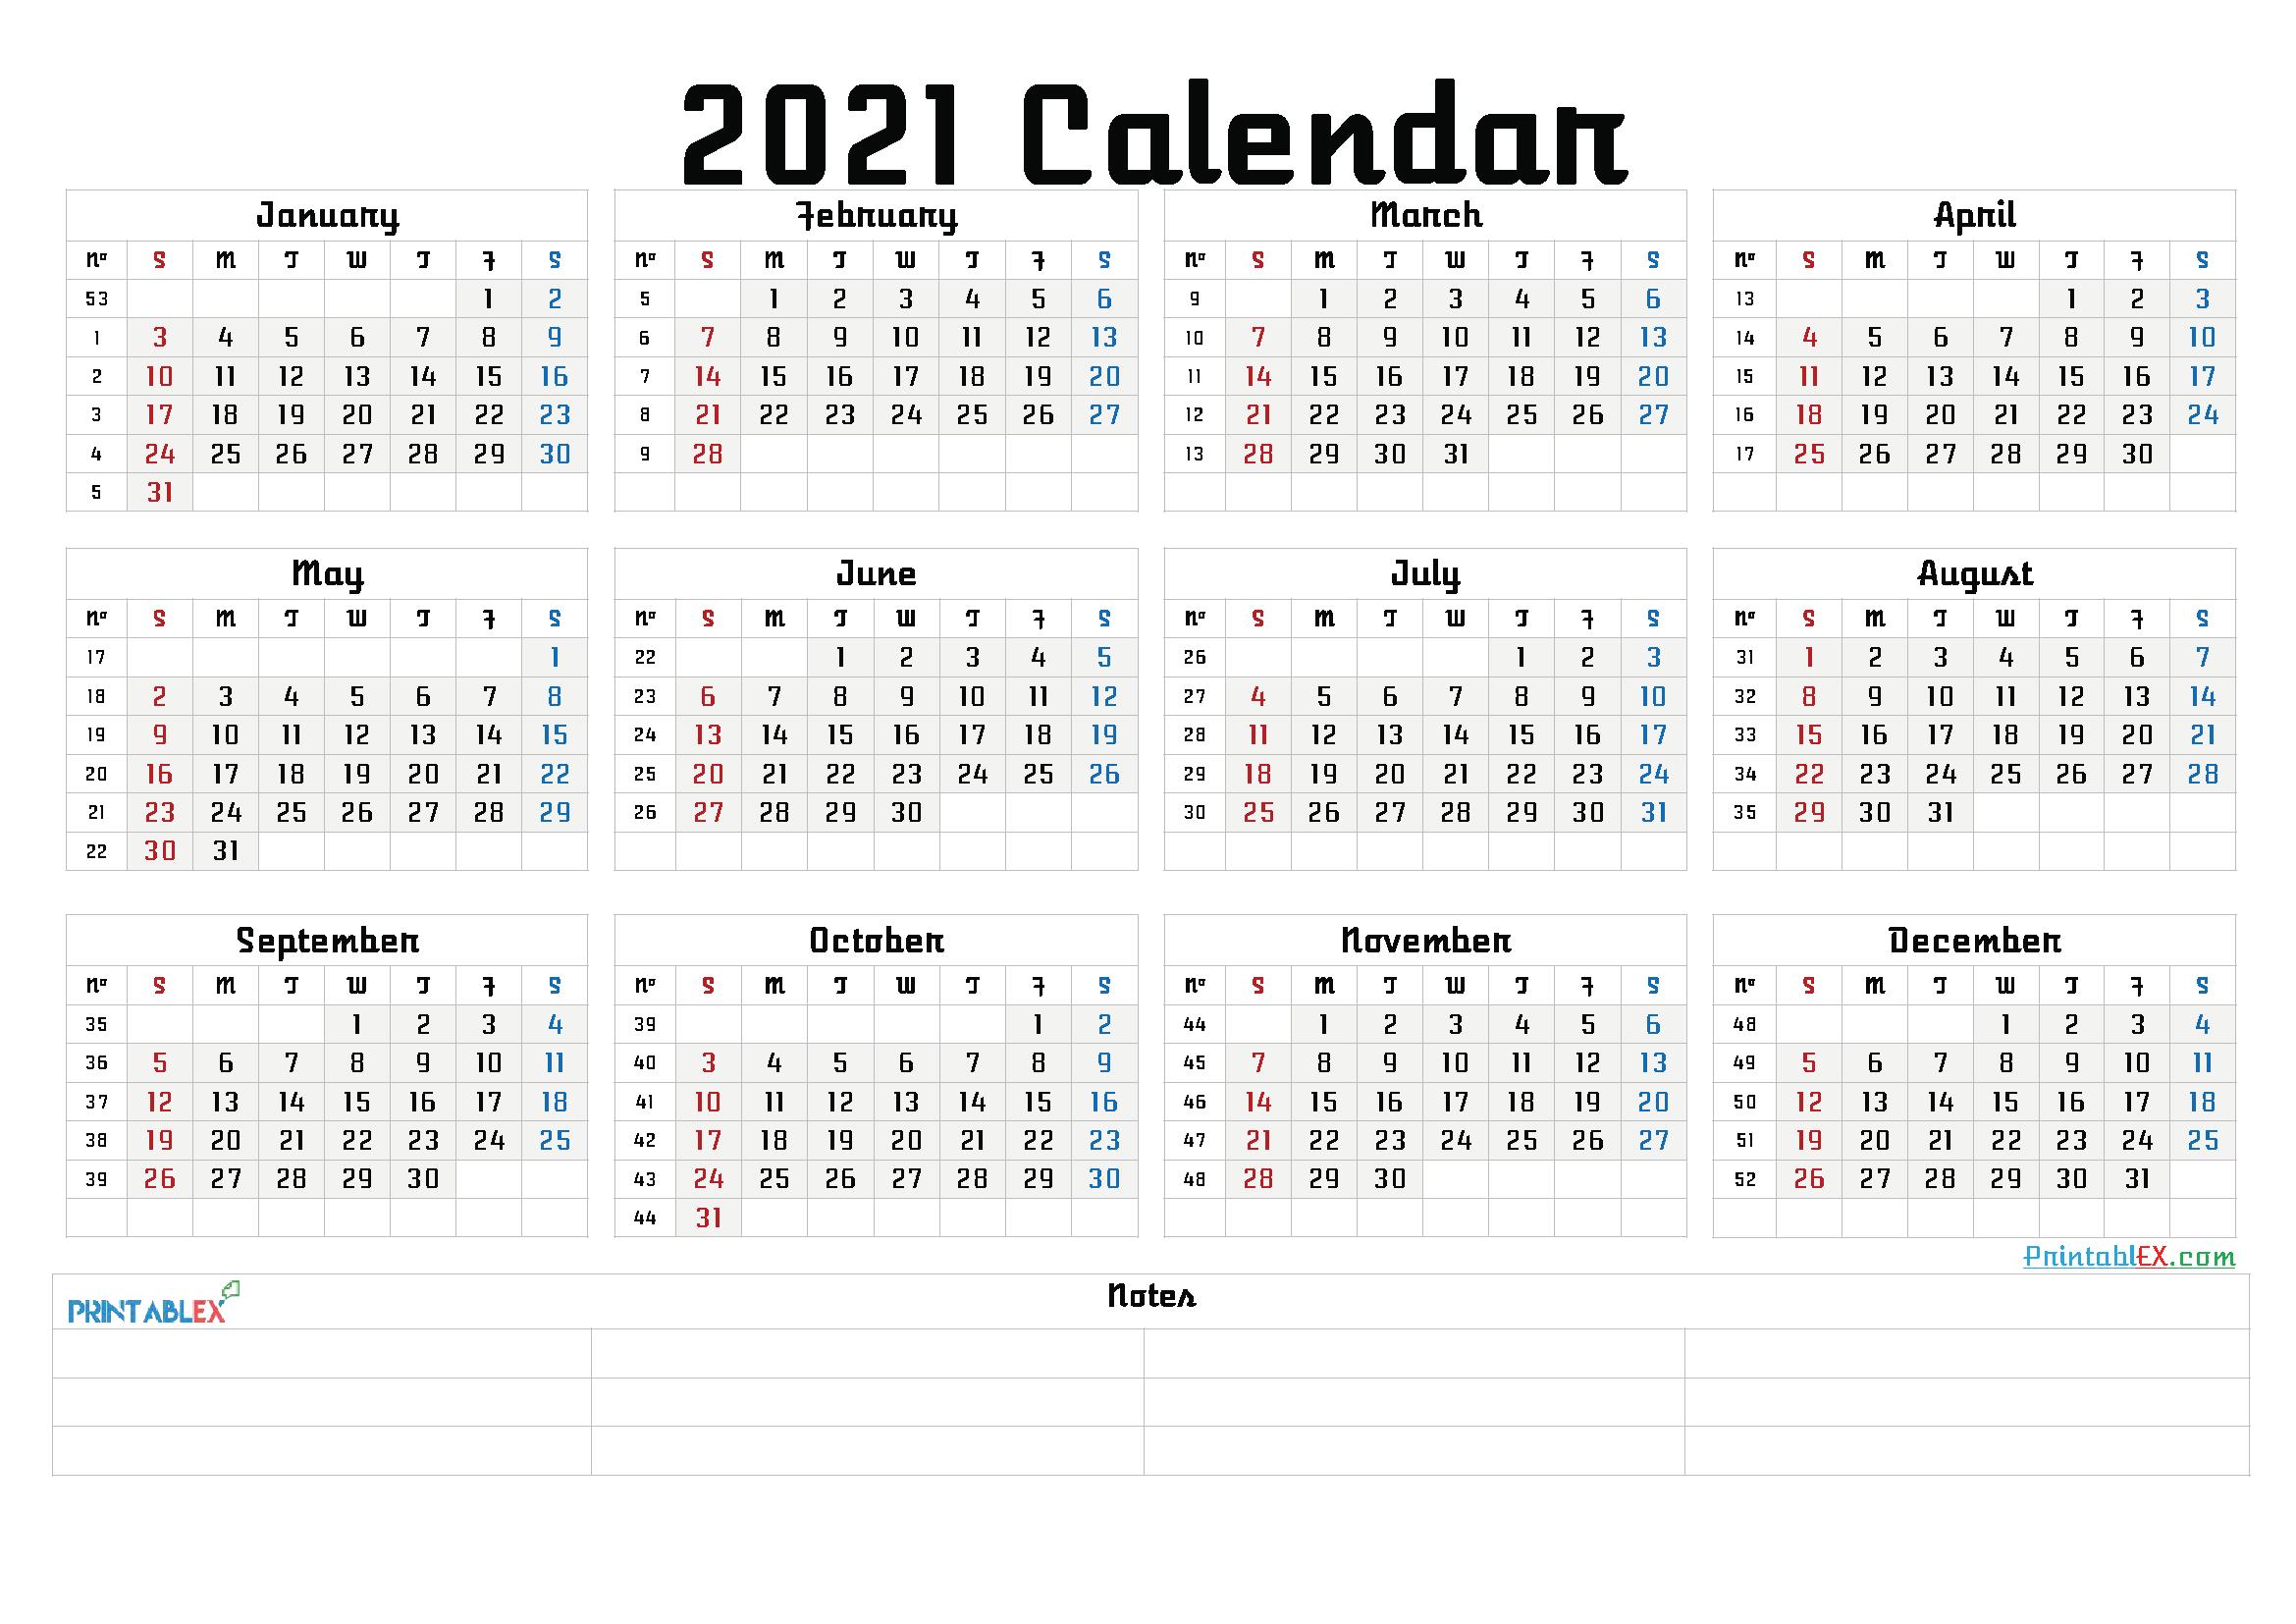 Printable 2021 Calendar by Month - 21ytw108 - Free ...